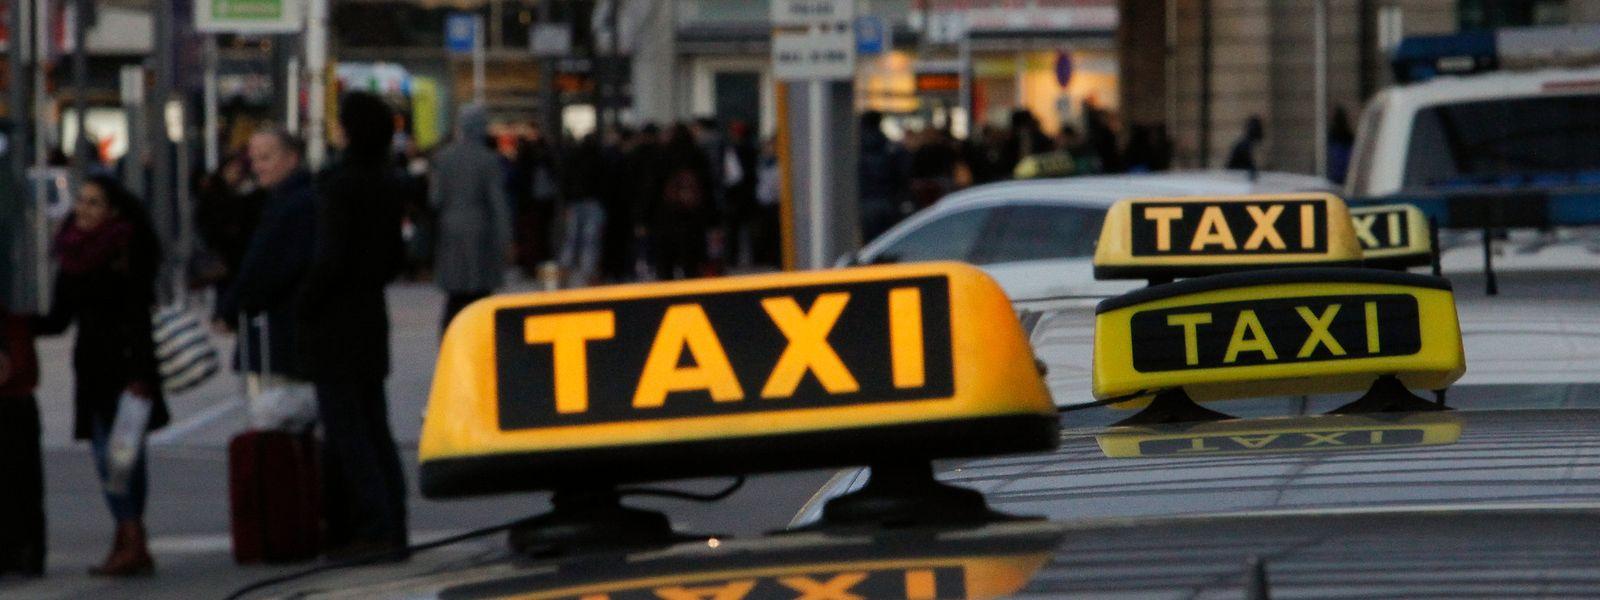 Die Preise der Taxifahrten sind in Luxemburg ein Dauerthema.